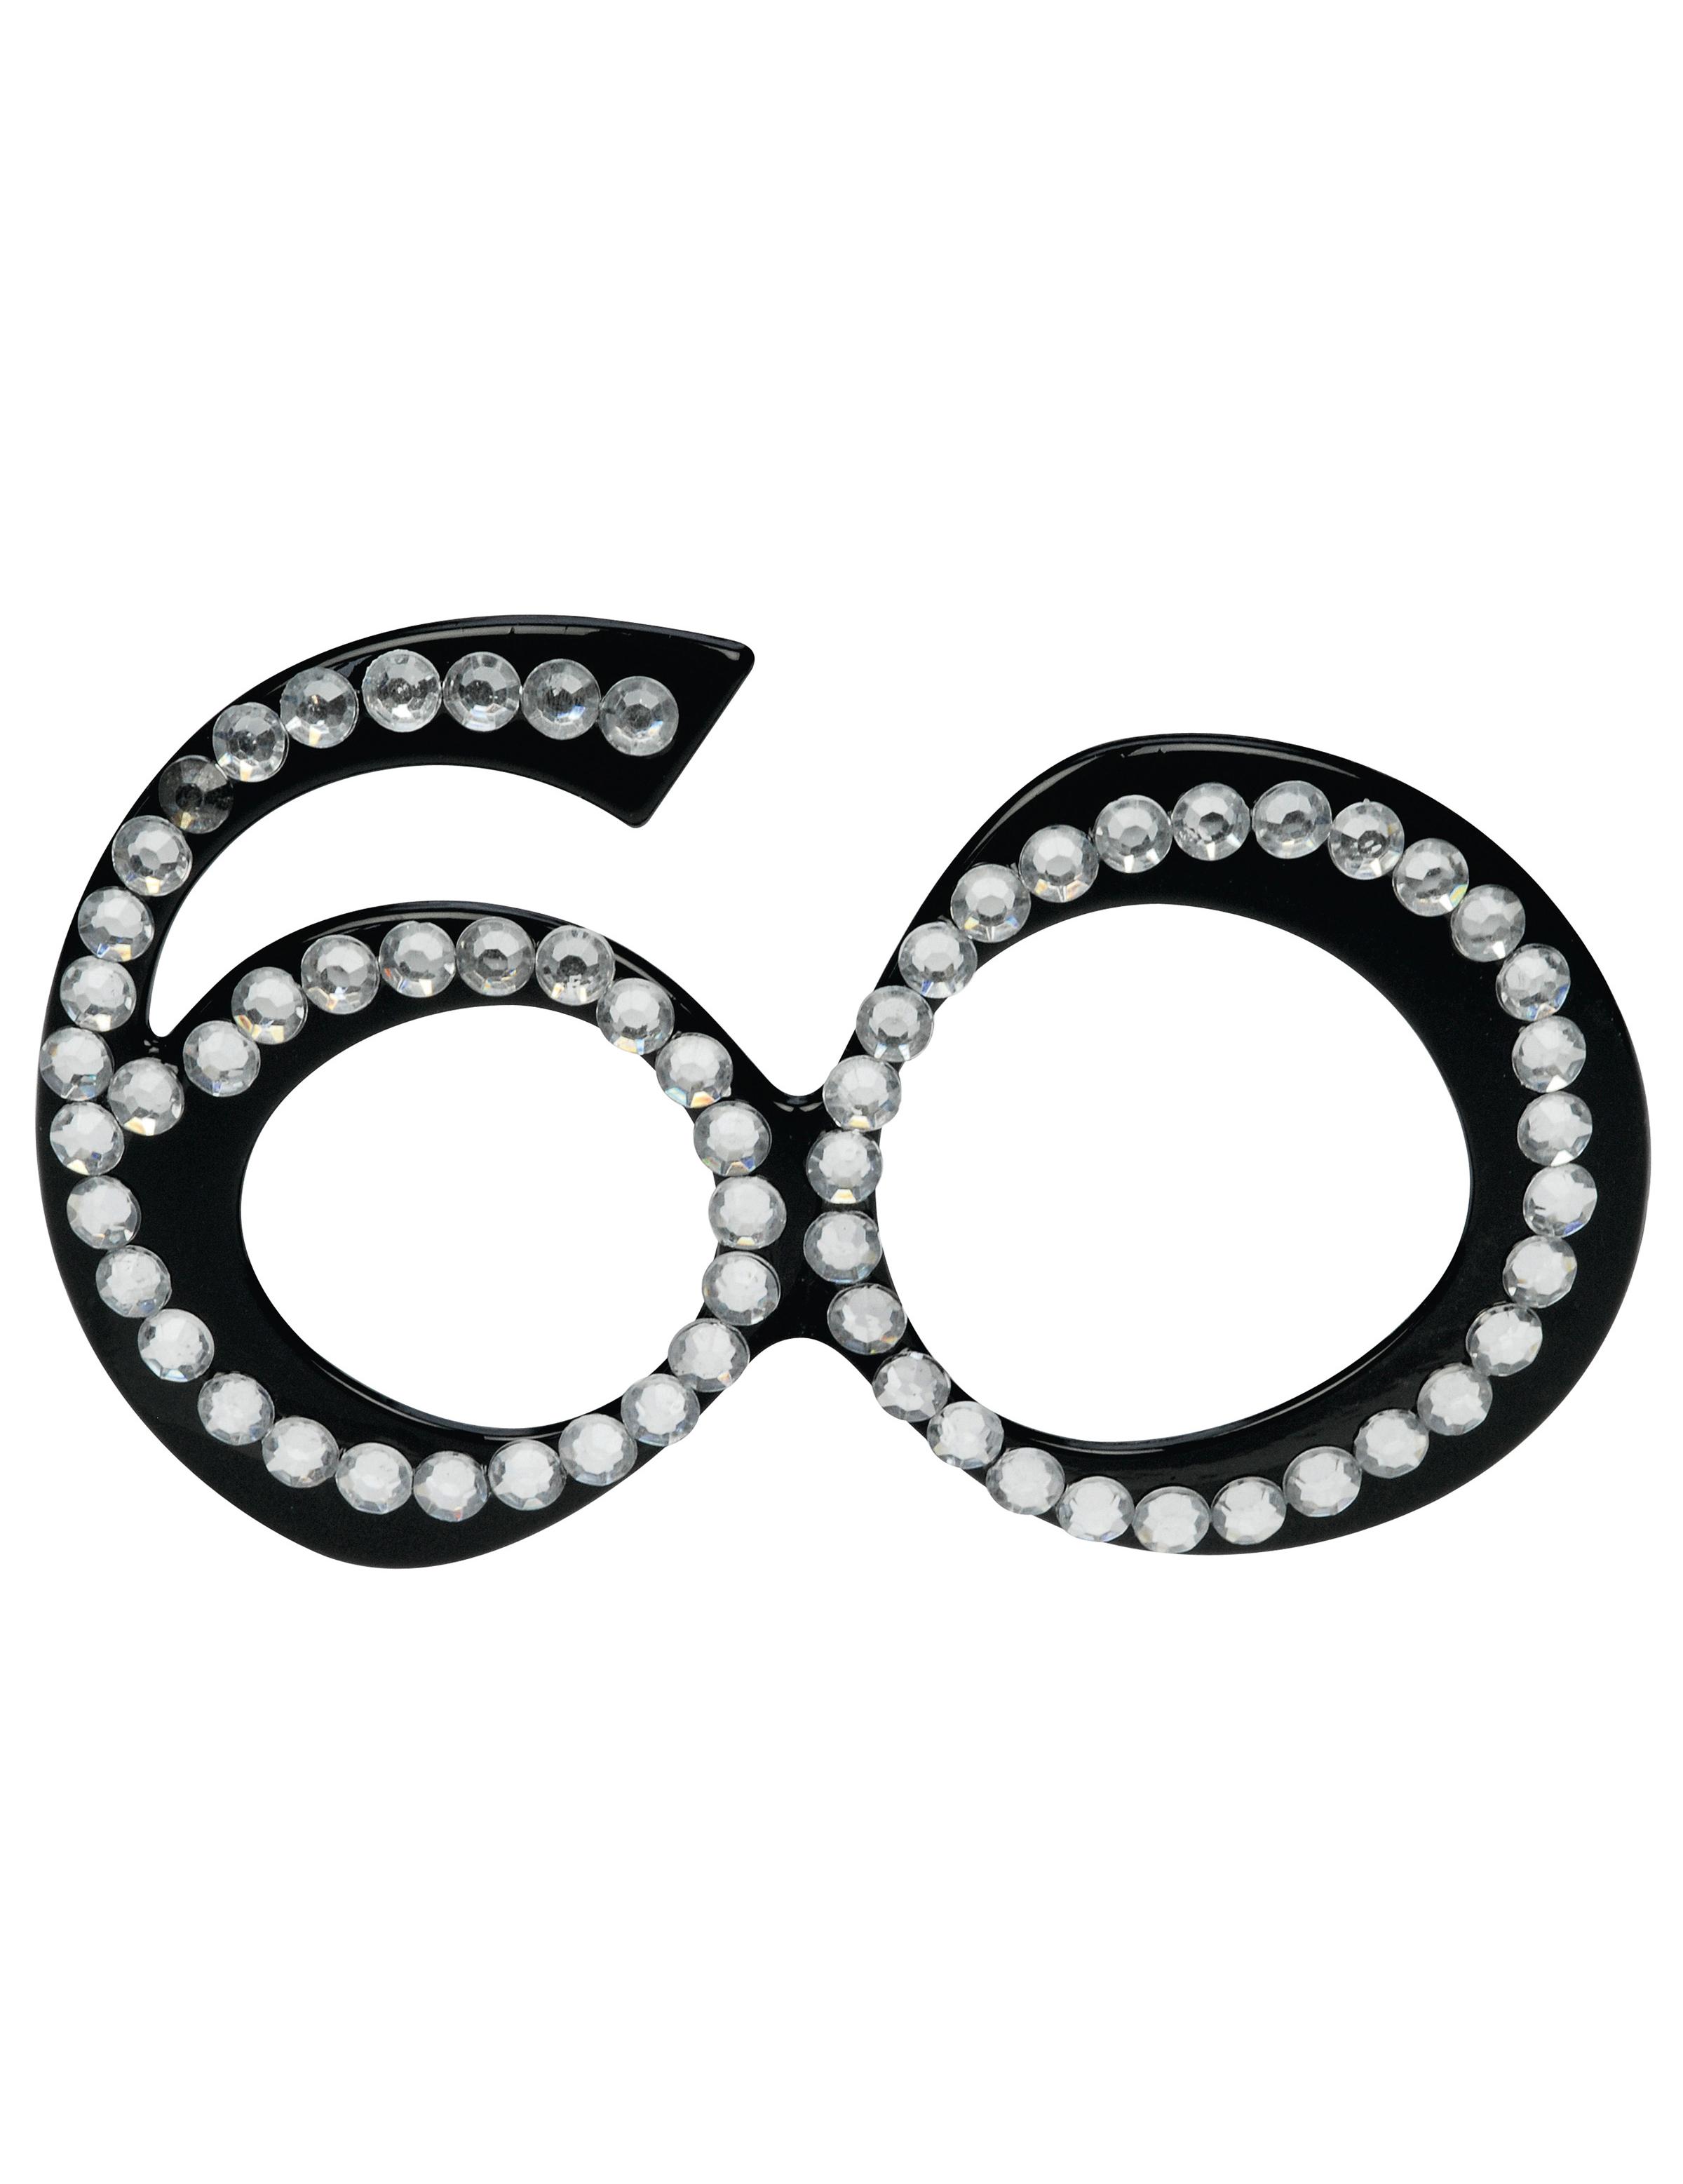 Leuke verjaardag bril voor 60 jaar for Decoratie 60 jaar